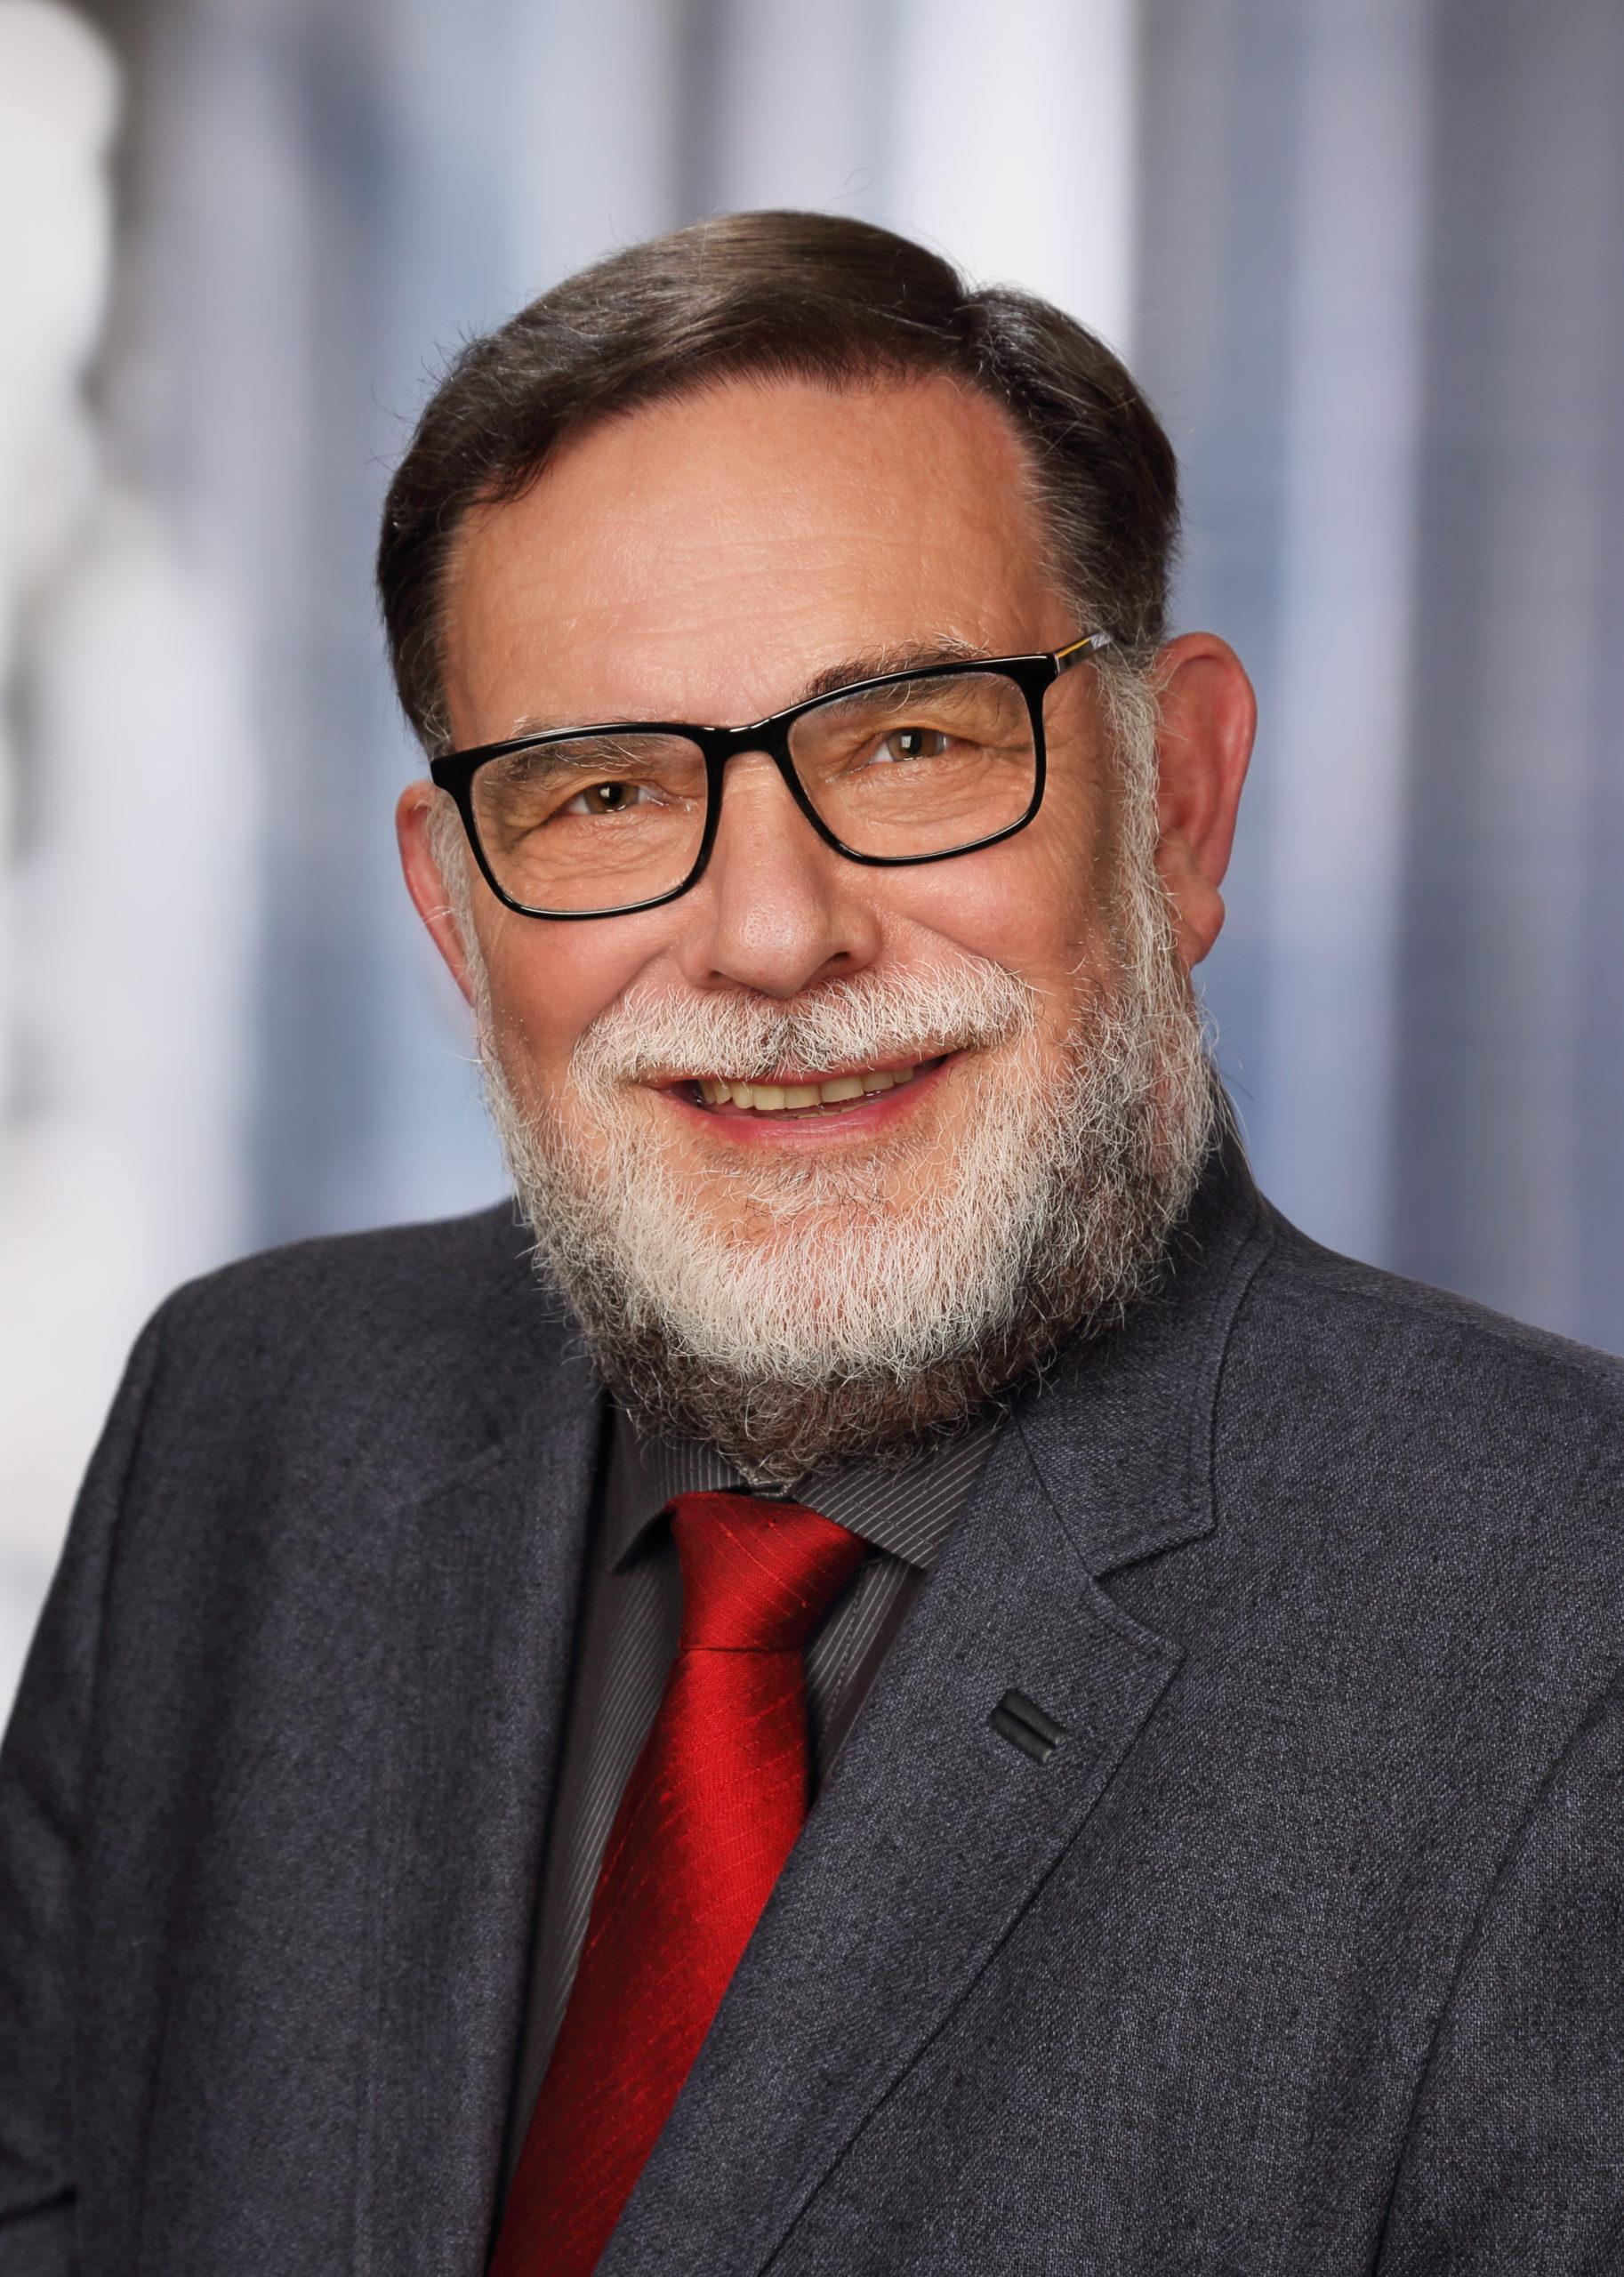 Wolfgang Barz